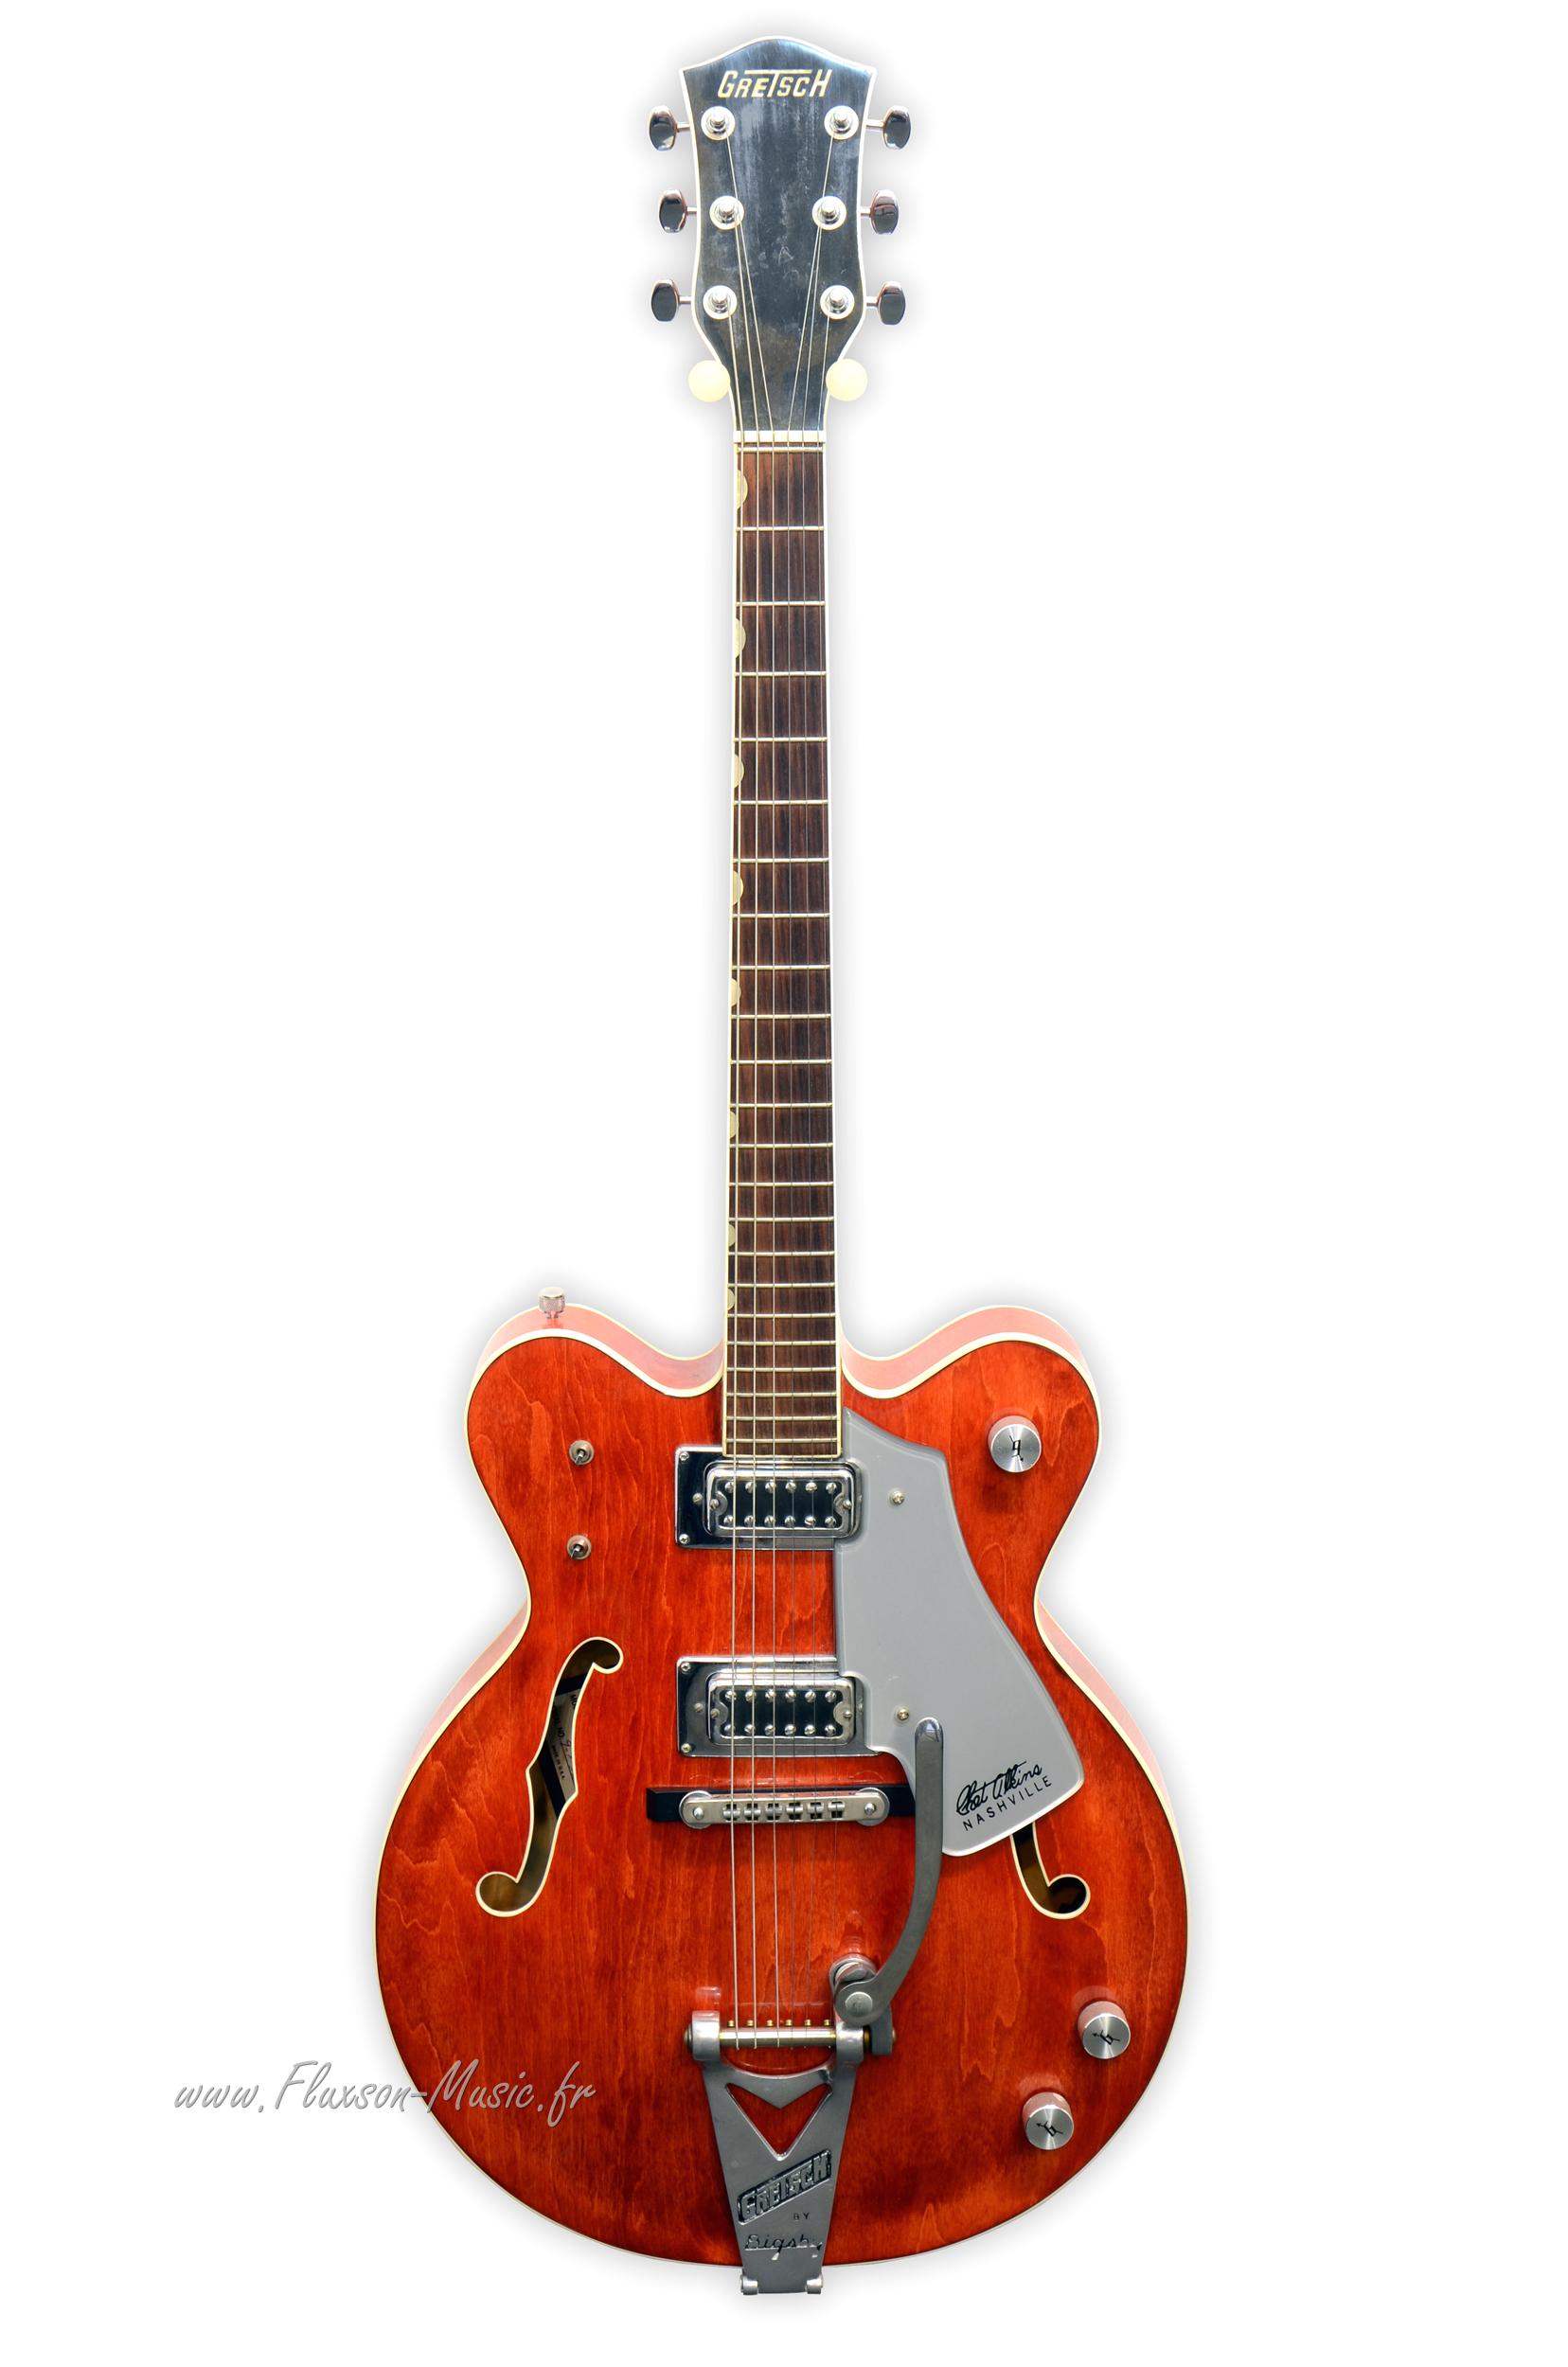 Furniture Outlet Nashville Gretsch 6120 / 7660 Chet Atkins Nashville 1976 Guitar For Sale Fluxson ...